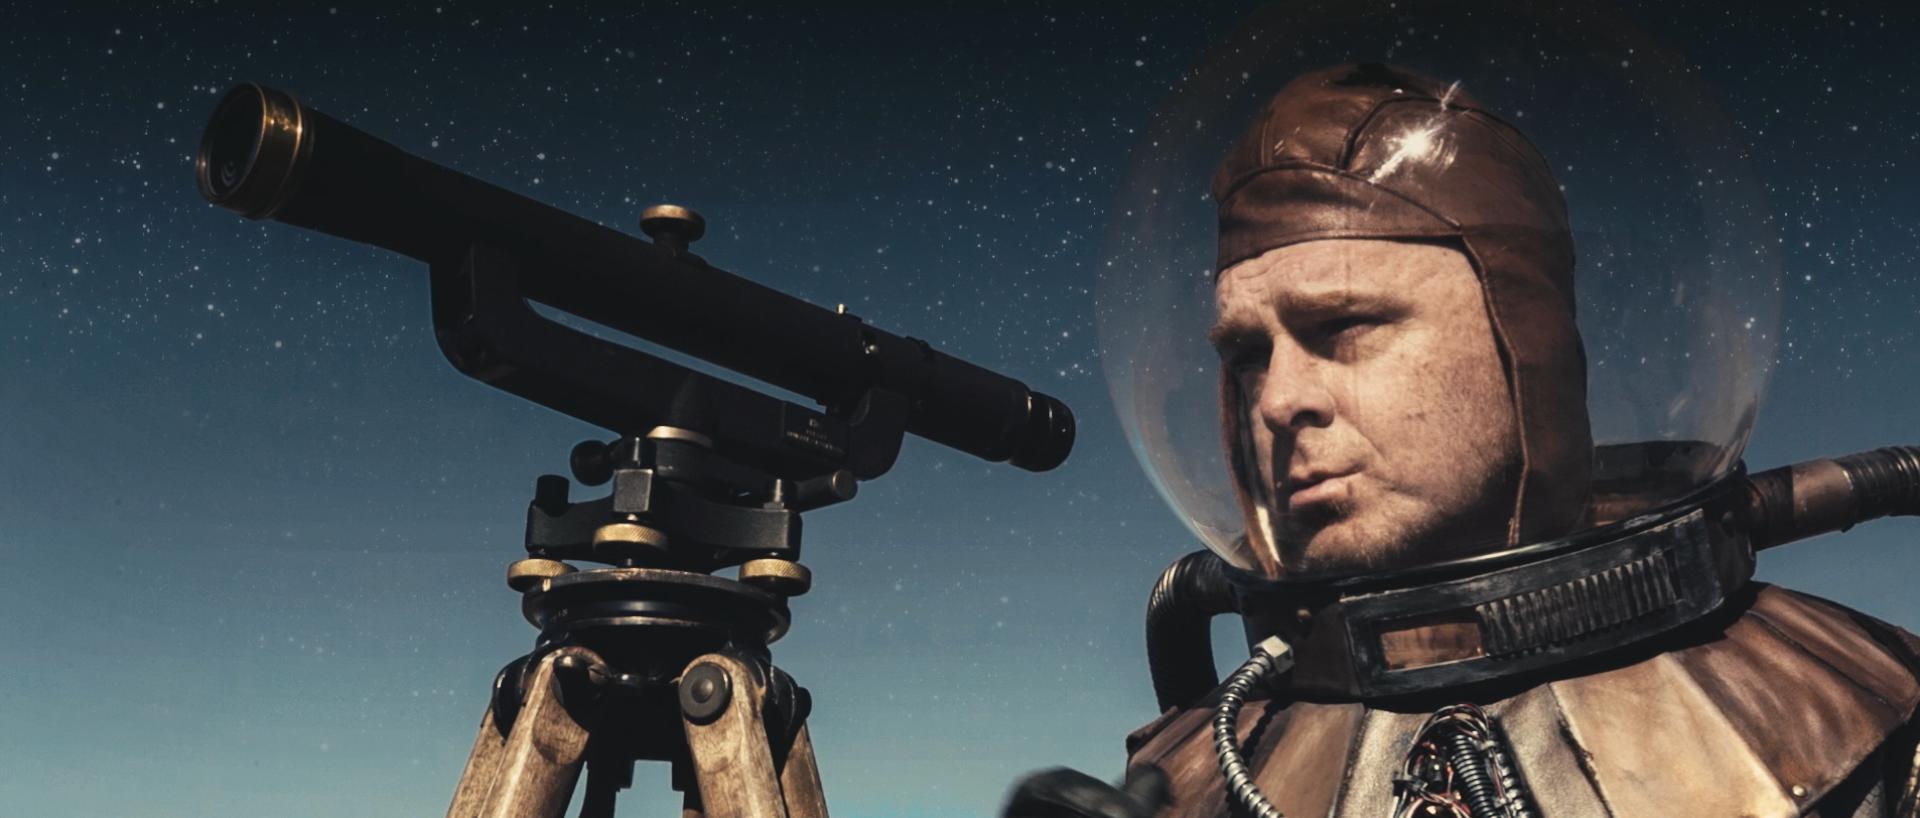 BEACON  - SHORT FILM - SCIENCE FICTION  DIRECTOR: TREVOR TILLMAN   http://reachthebeacon.com/